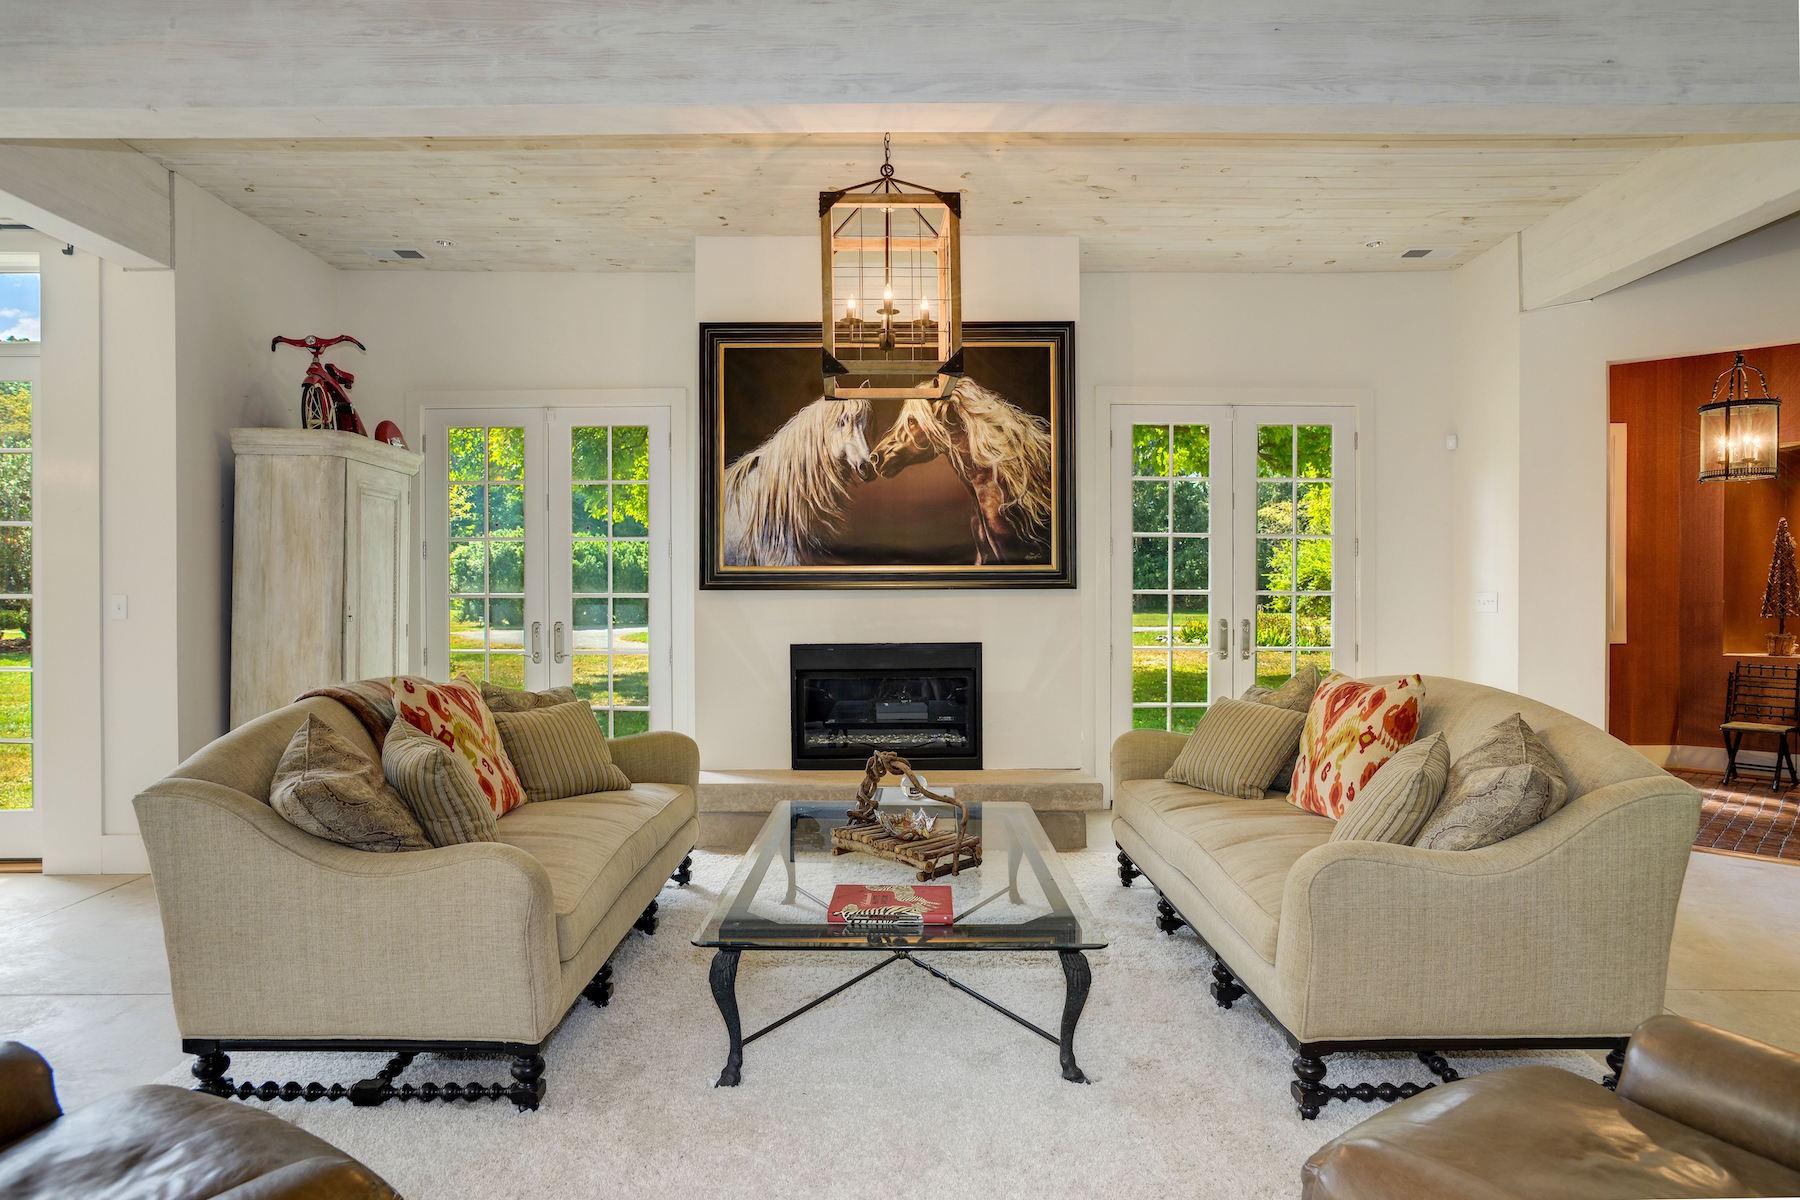 단독 가정 주택 용 매매 에 Exquisite Equestrian Estate 473 Millwood Rd Boyce, 버지니아 22620 미국